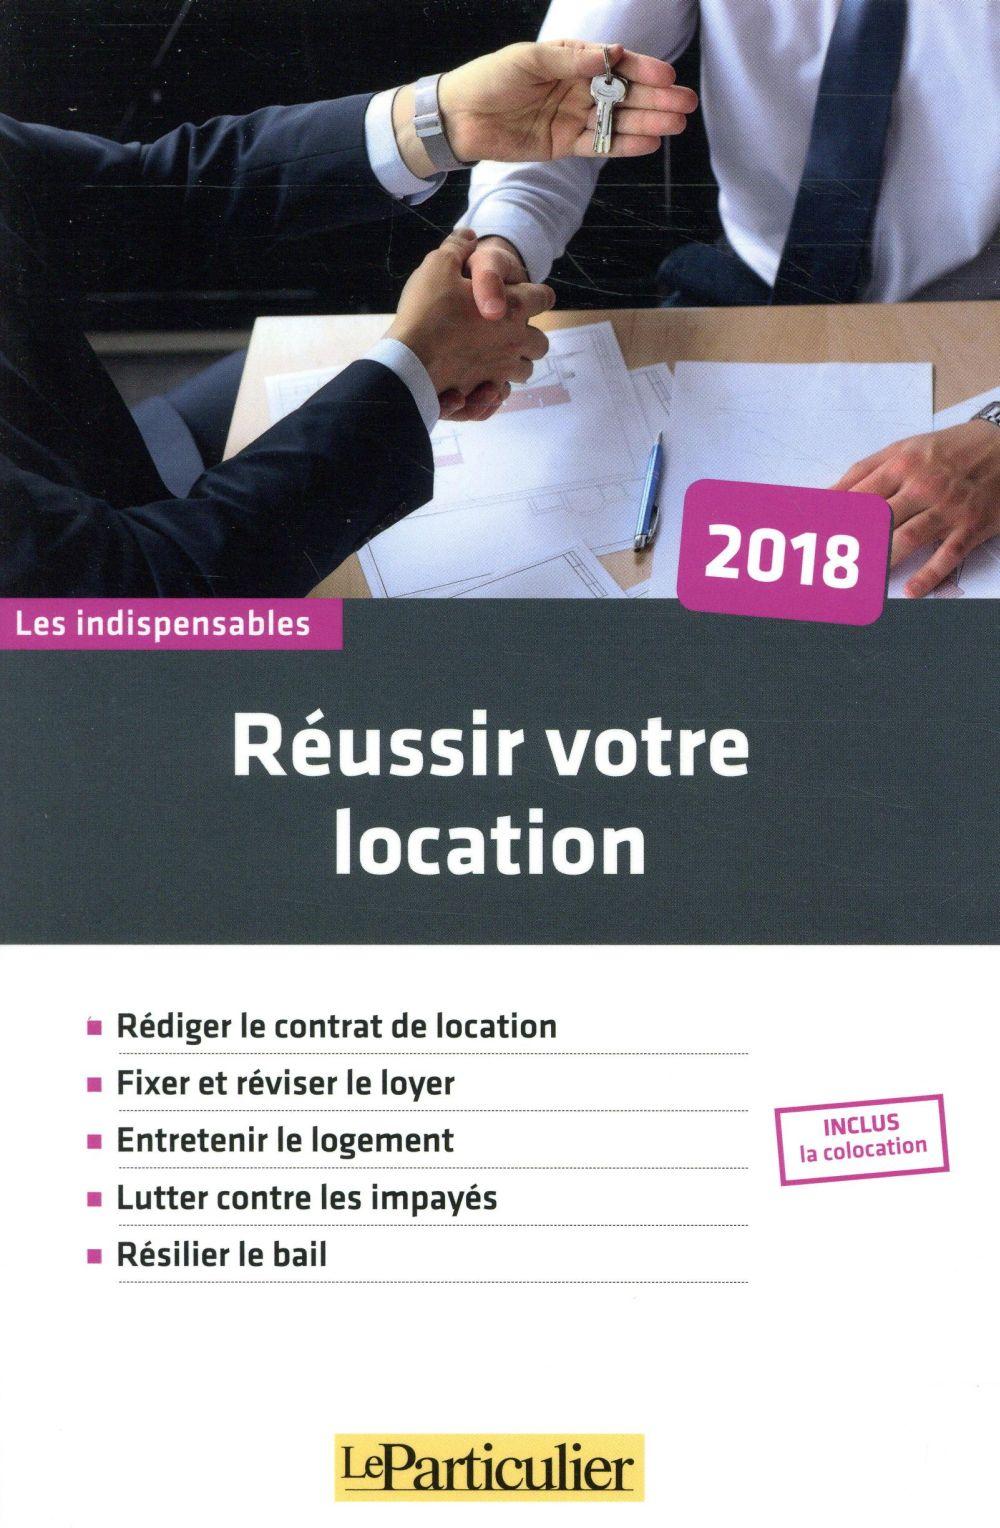 REUSSIR VOTRE LOCATION 2018